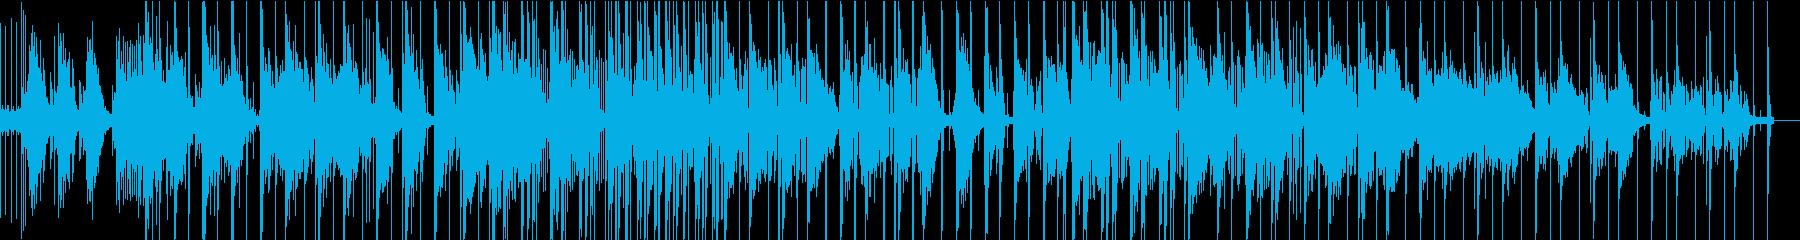 ガーリーでお洒落なLo-Fi チルの再生済みの波形